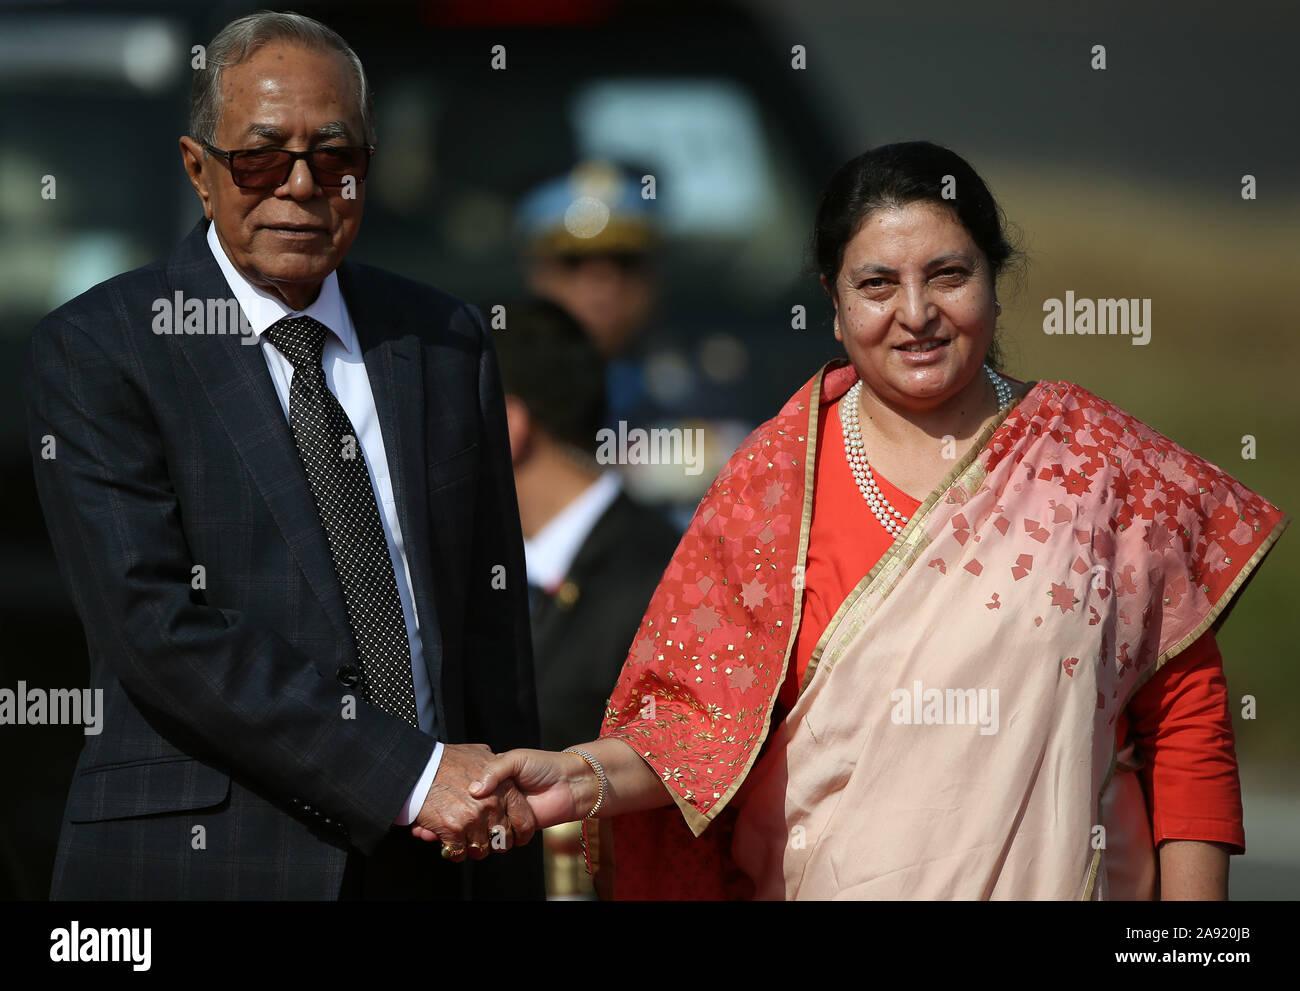 Katmandou, Népal. 12 Nov, 2019. Le président du Bangladesh M Abdul Hamid (L), serre la main avec le Président népalais Bidhya Devi Bhandari à l'aéroport international de Tribhuvan à Katmandou, capitale du Népal, le 12 novembre 2019. Le président du Bangladesh M Abdul Hamid est arrivé à Katmandou le mardi pour quatre jours de visite officielle. Credit: Str/Xinhua/Alamy Live News Banque D'Images